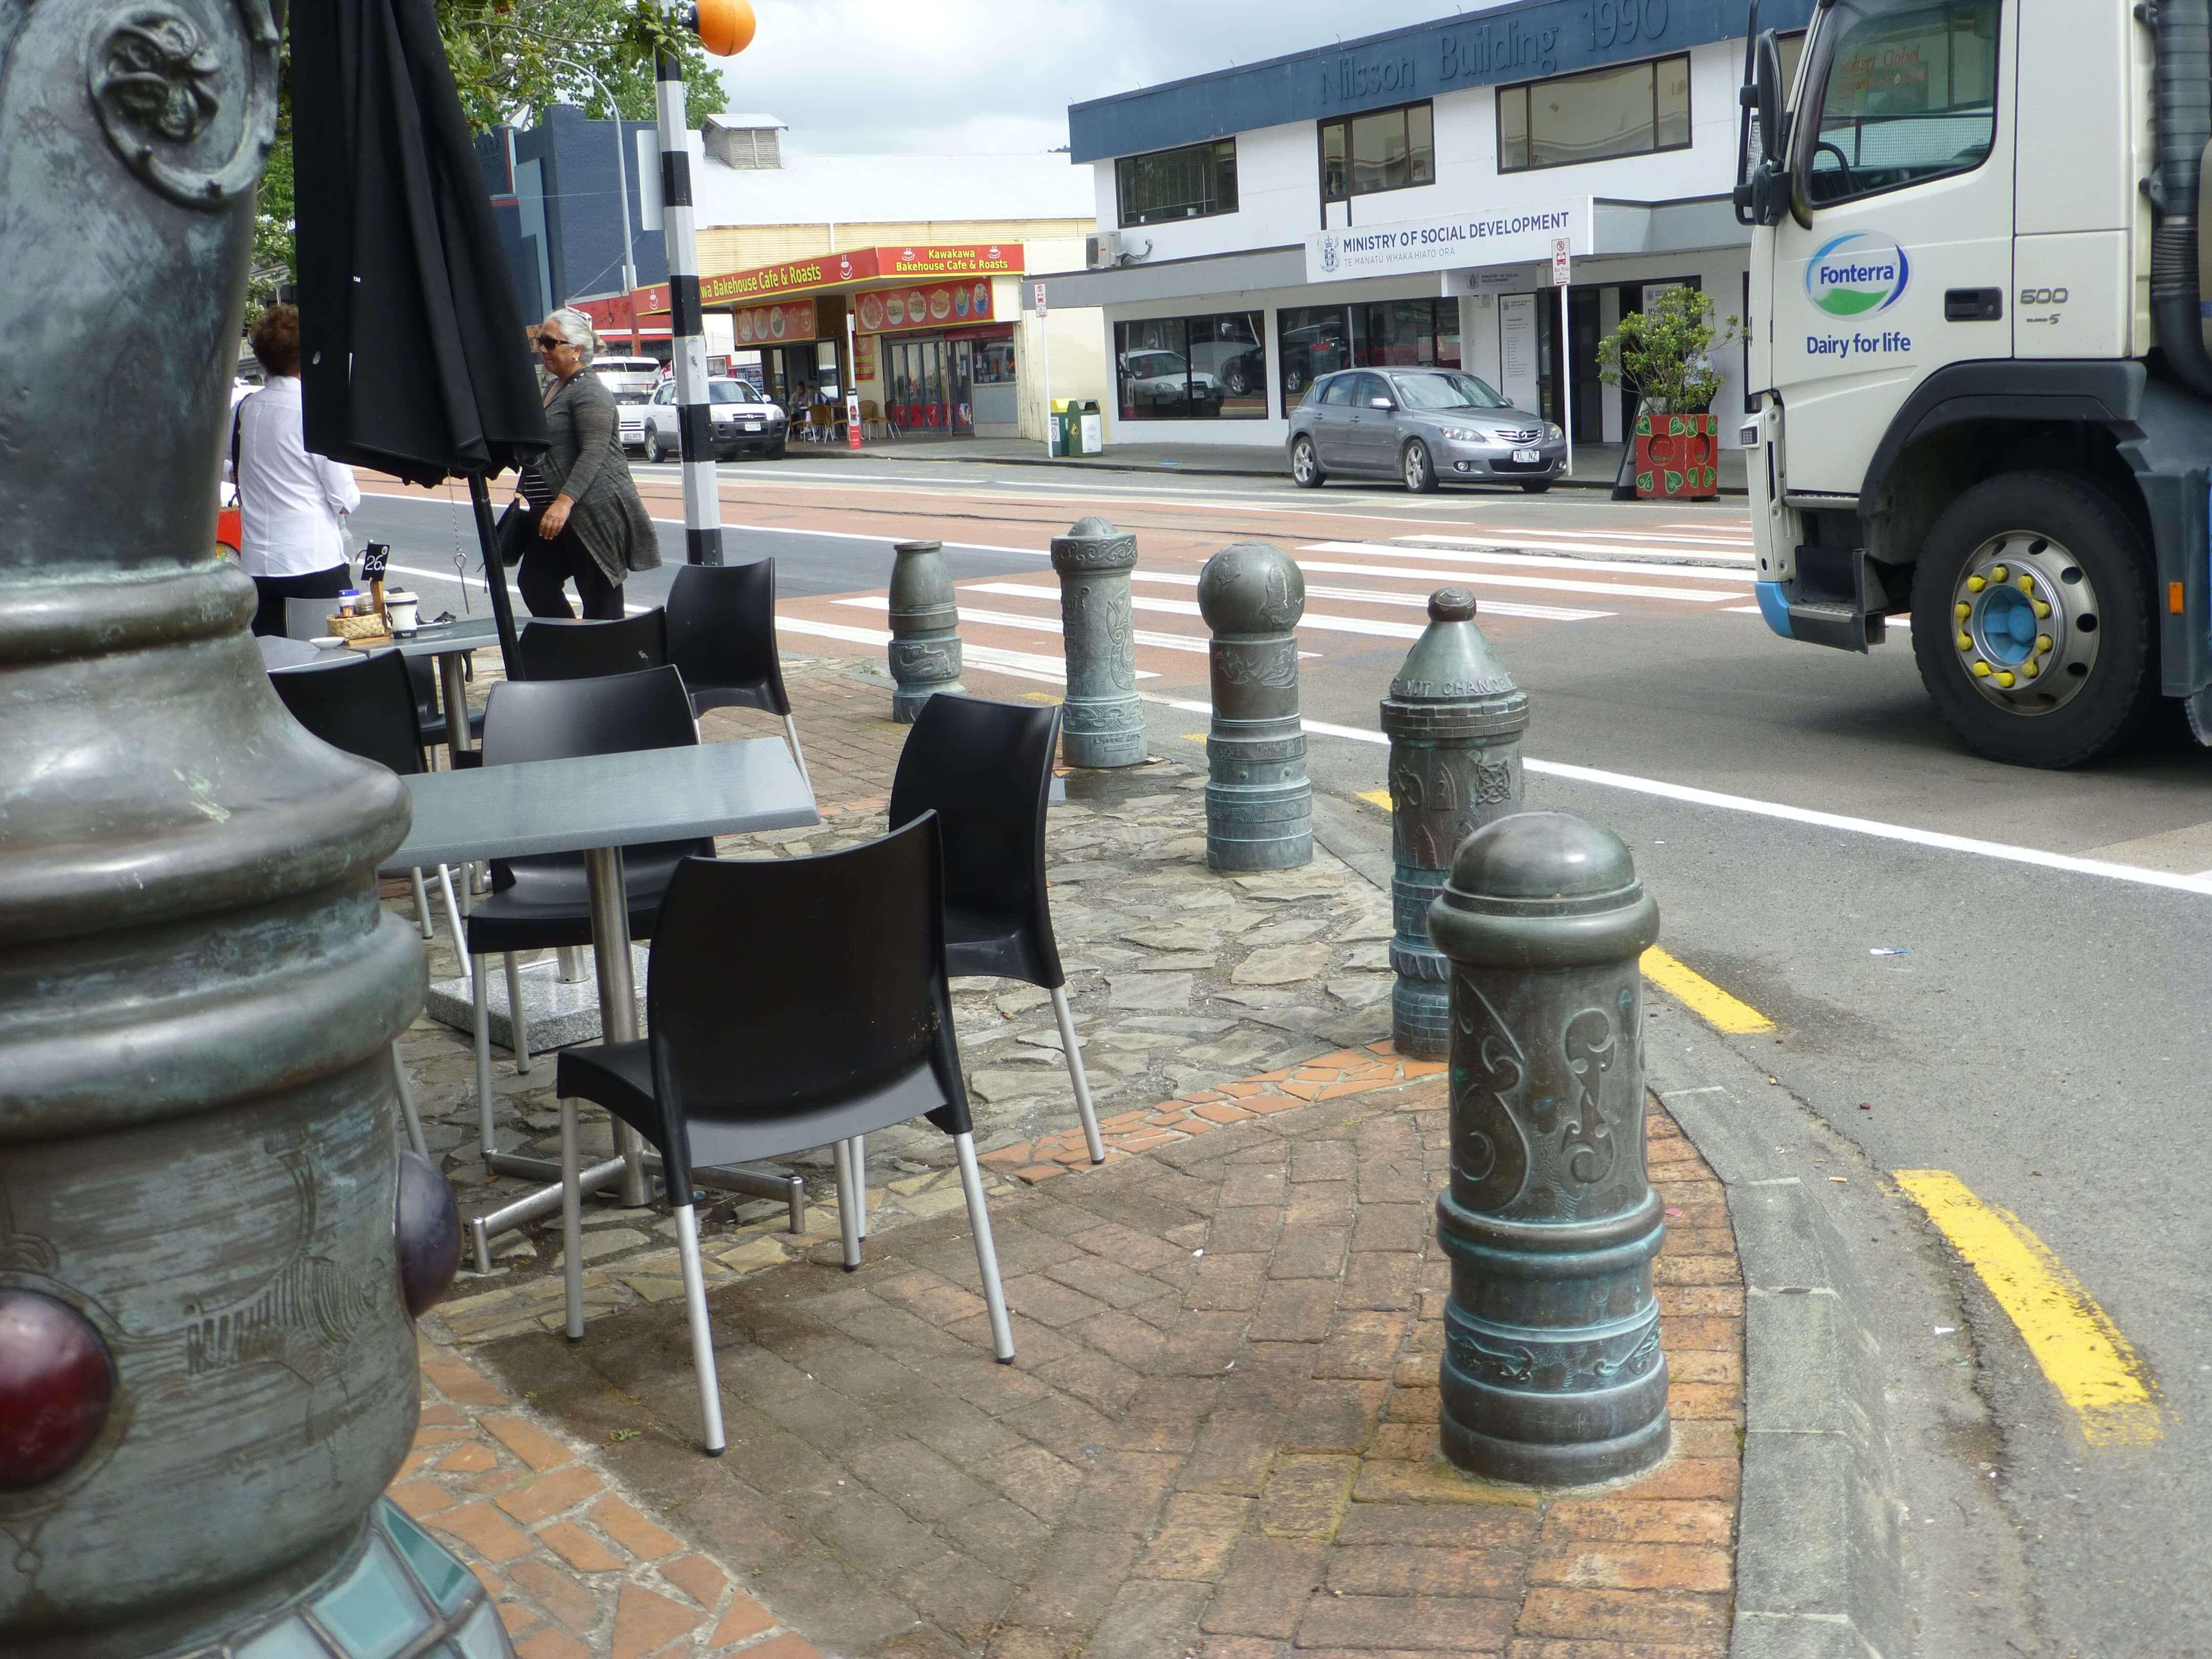 weit-weg.reisen, die Hundertwasser Toilette in Kawakawa 10